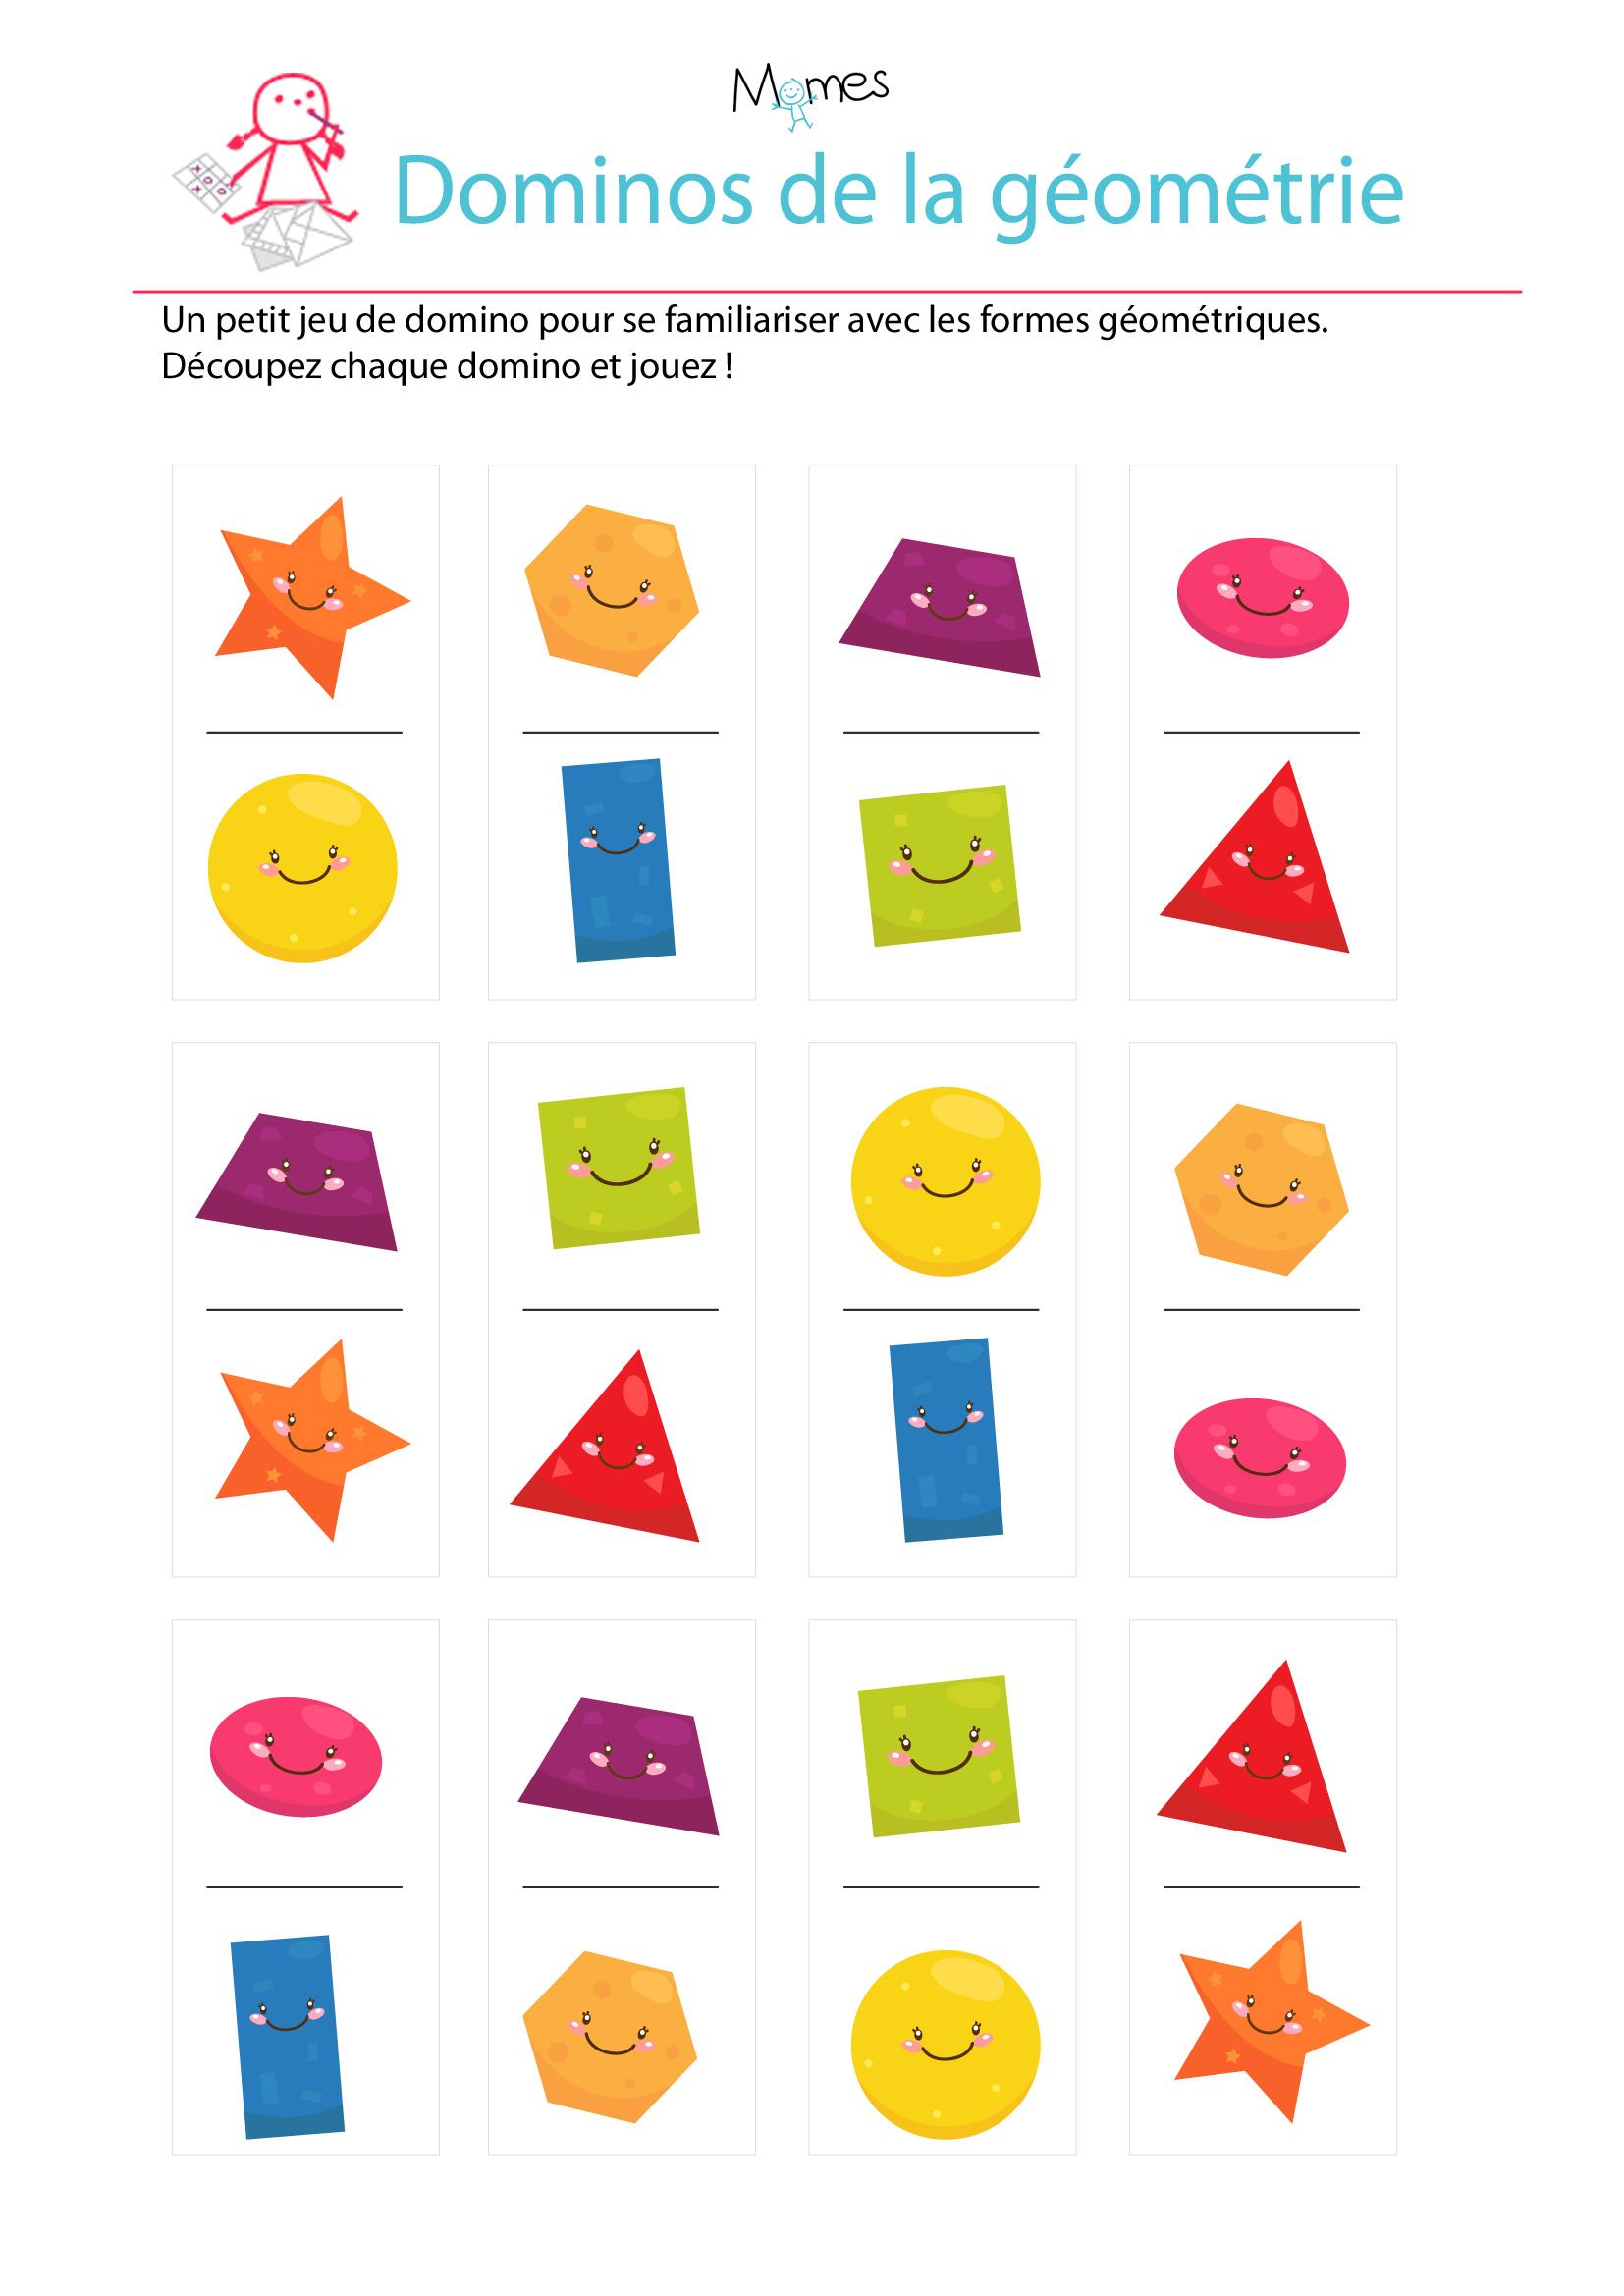 Jeu De Domino À Imprimer Sur Les Formes Géométriques - Momes à Jeux Mathématiques À Imprimer